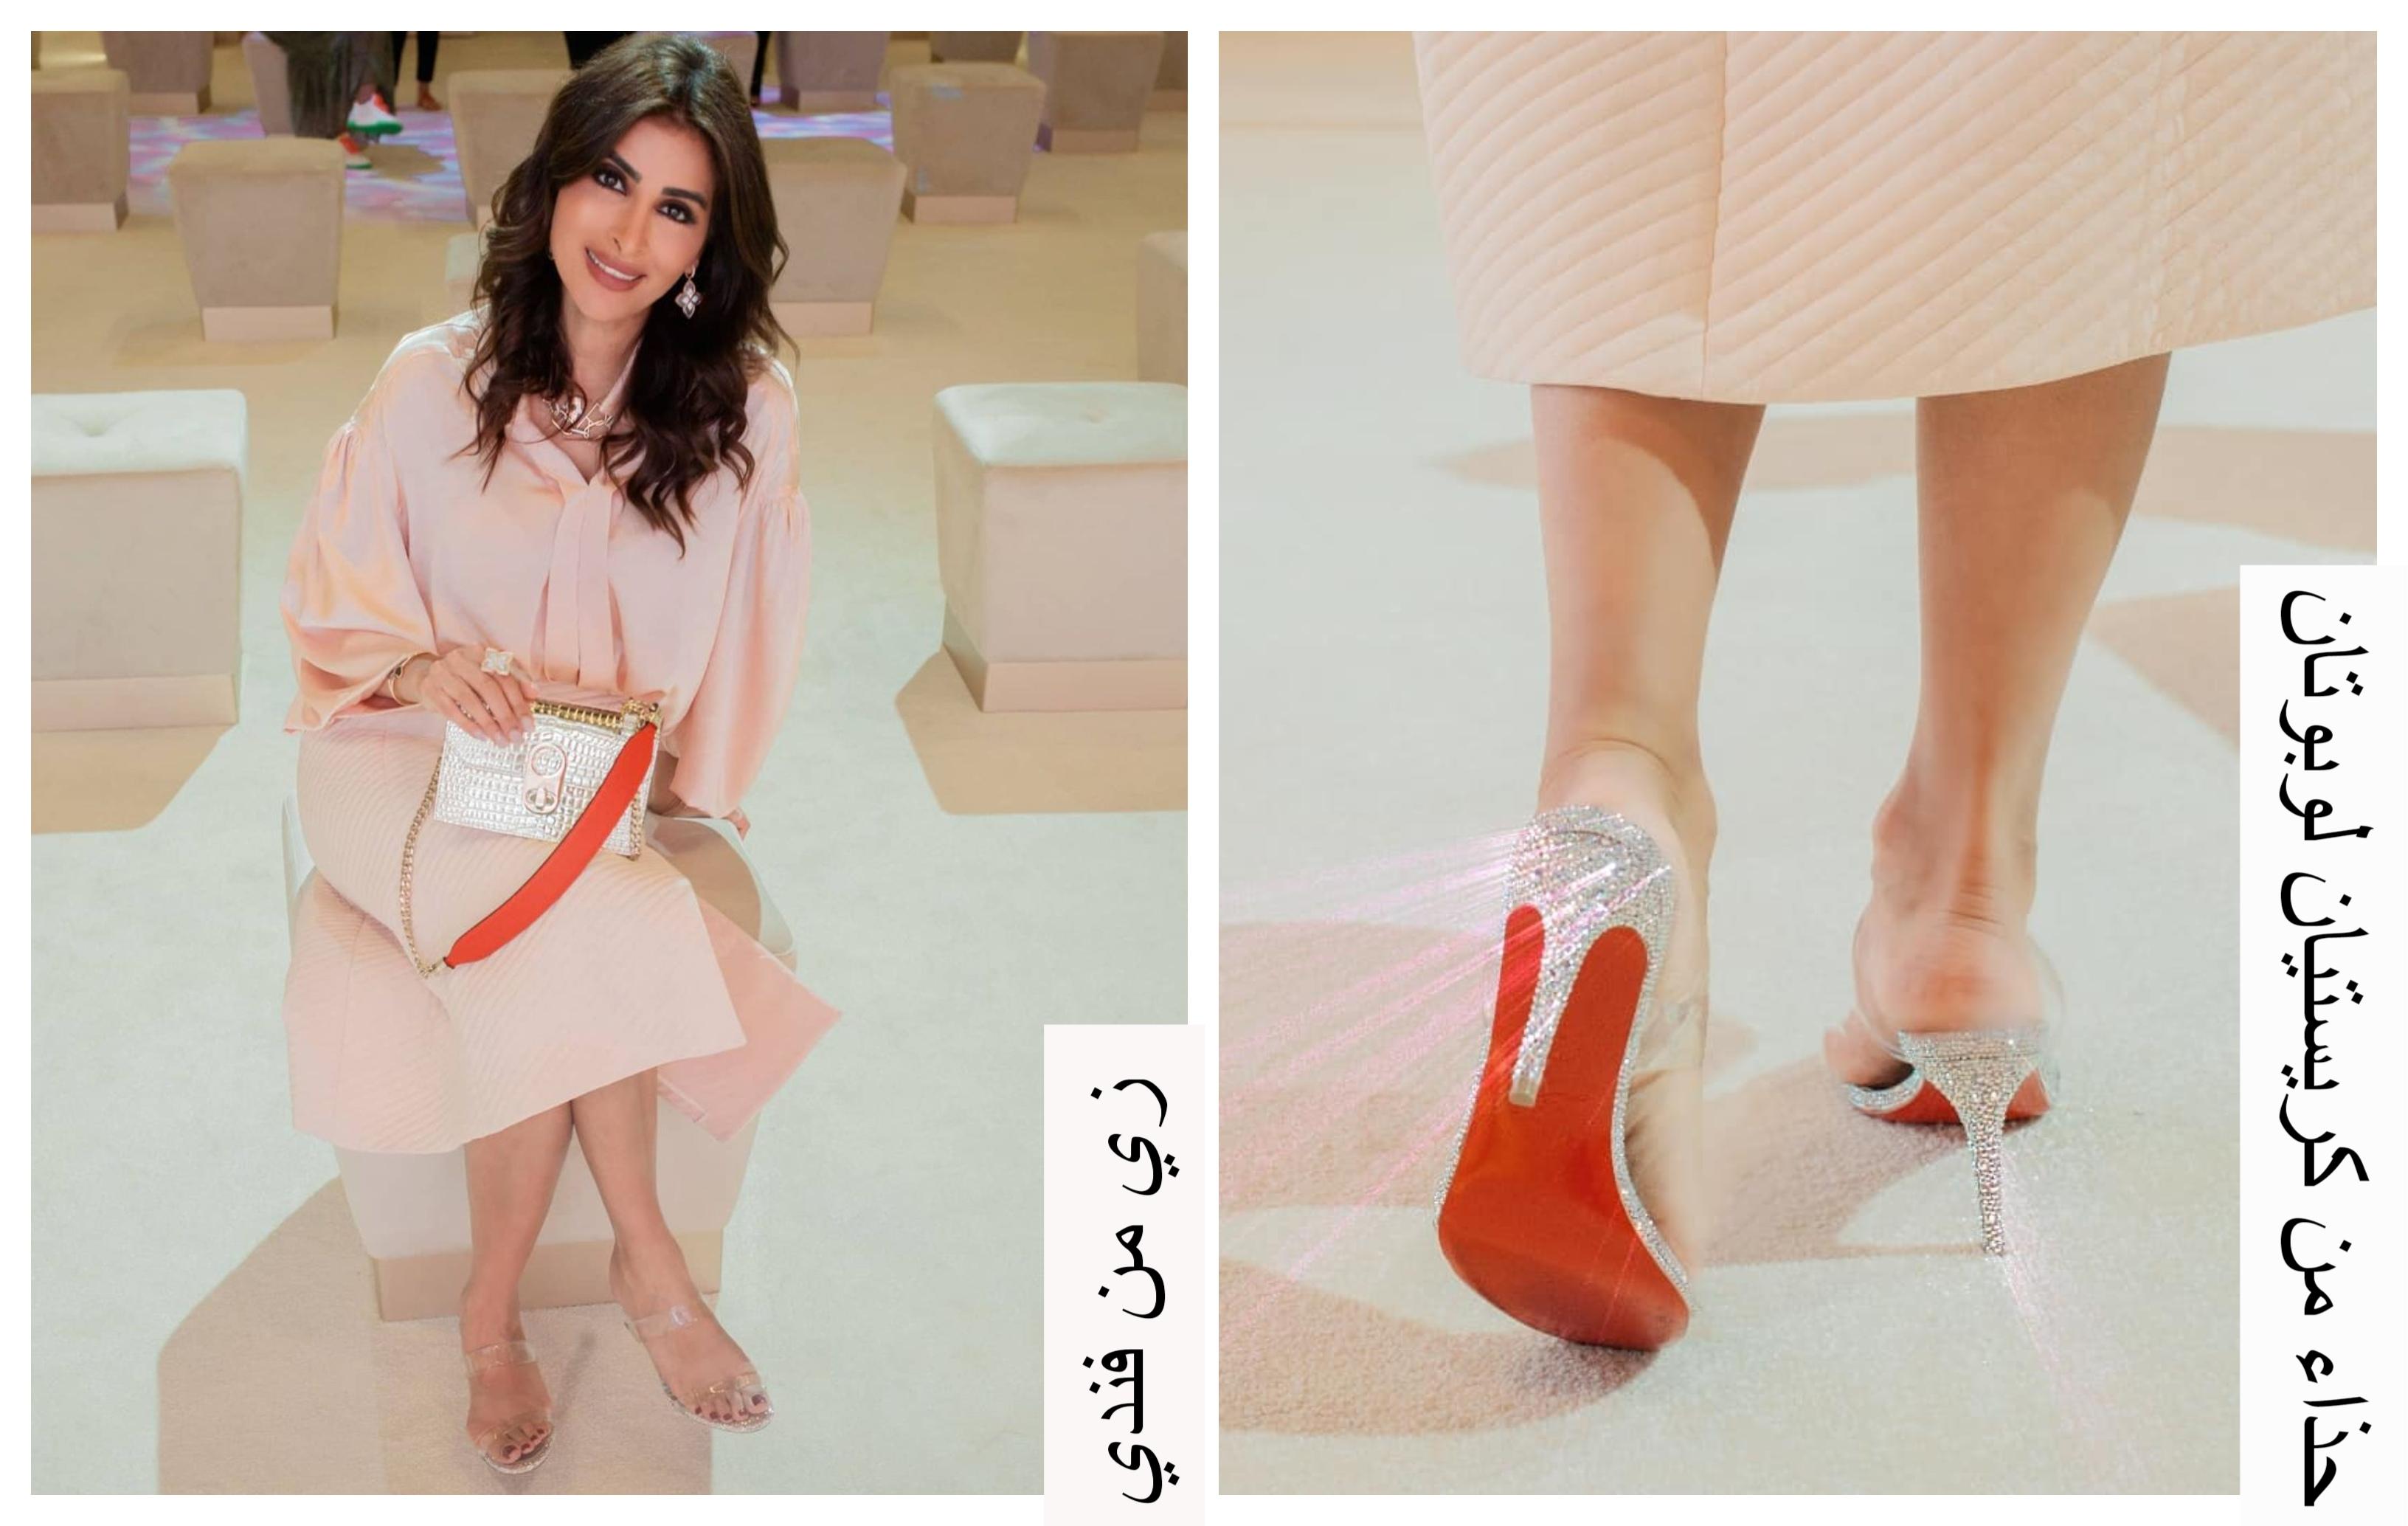 روزمين وحبها لحذاء النعل الأحمر